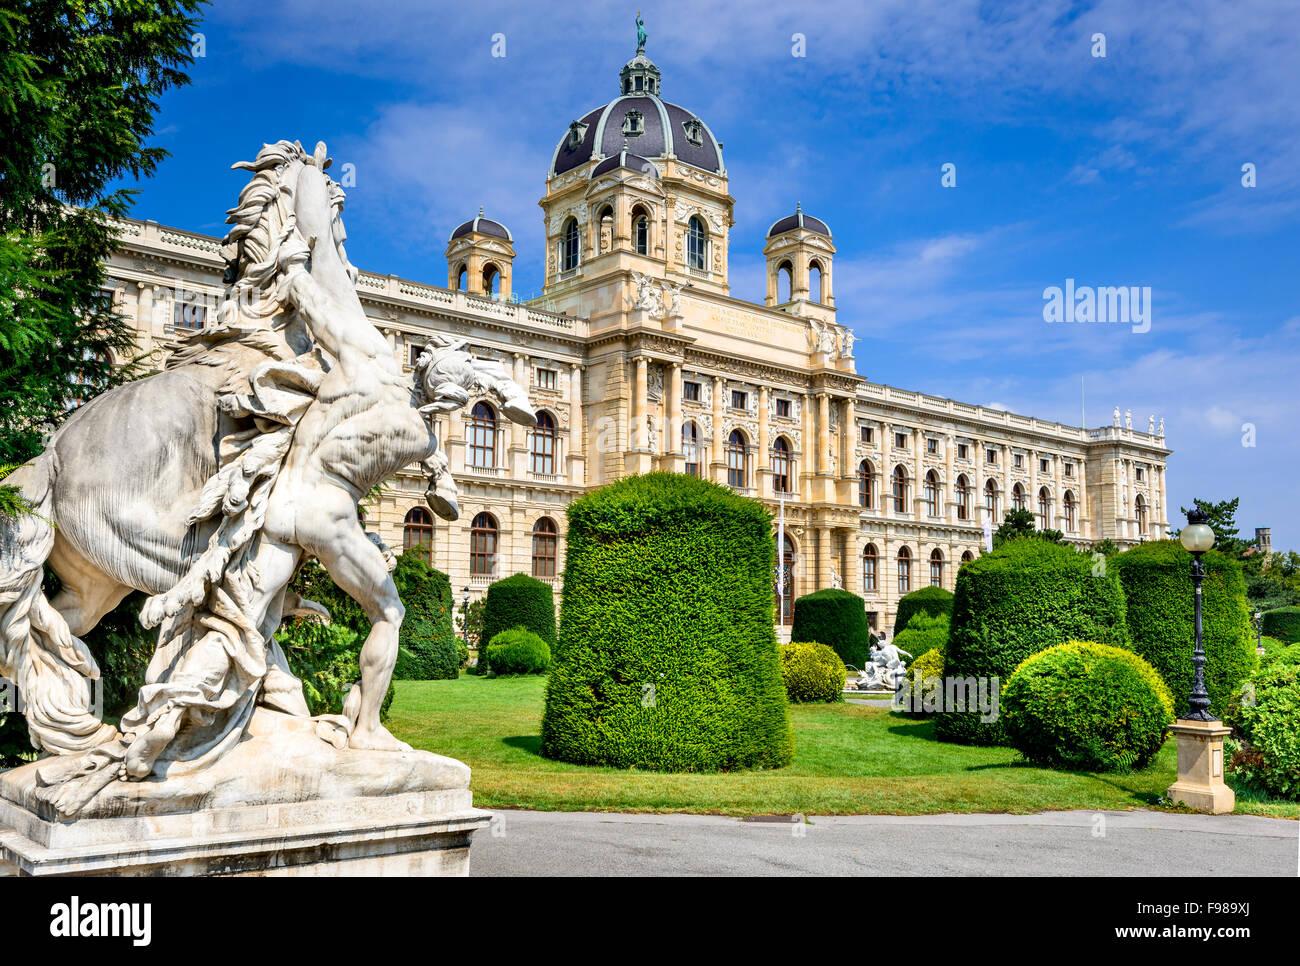 Vienna, Austria. Bellissima vista del famoso Naturhistorisches Museum (Museo di Storia Naturale) con parco Maria Immagini Stock